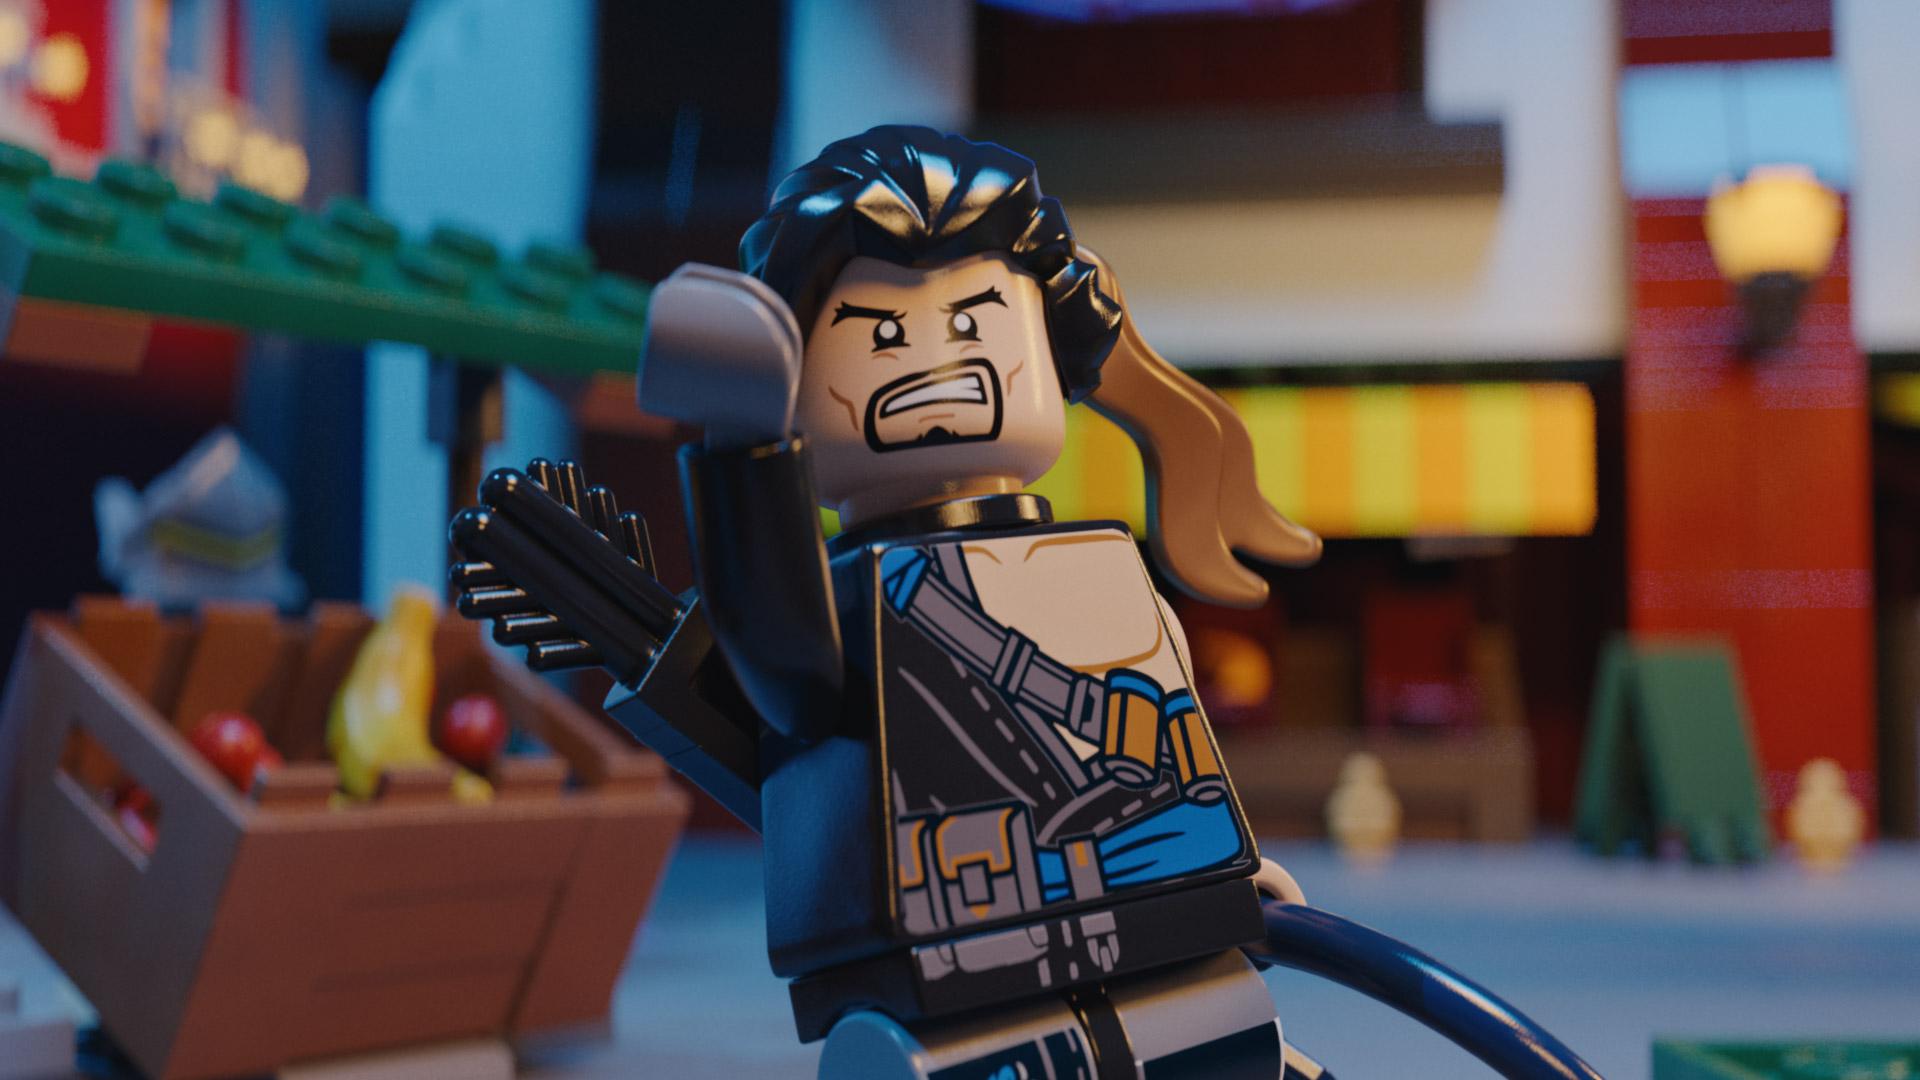 LEGO_OW_94729